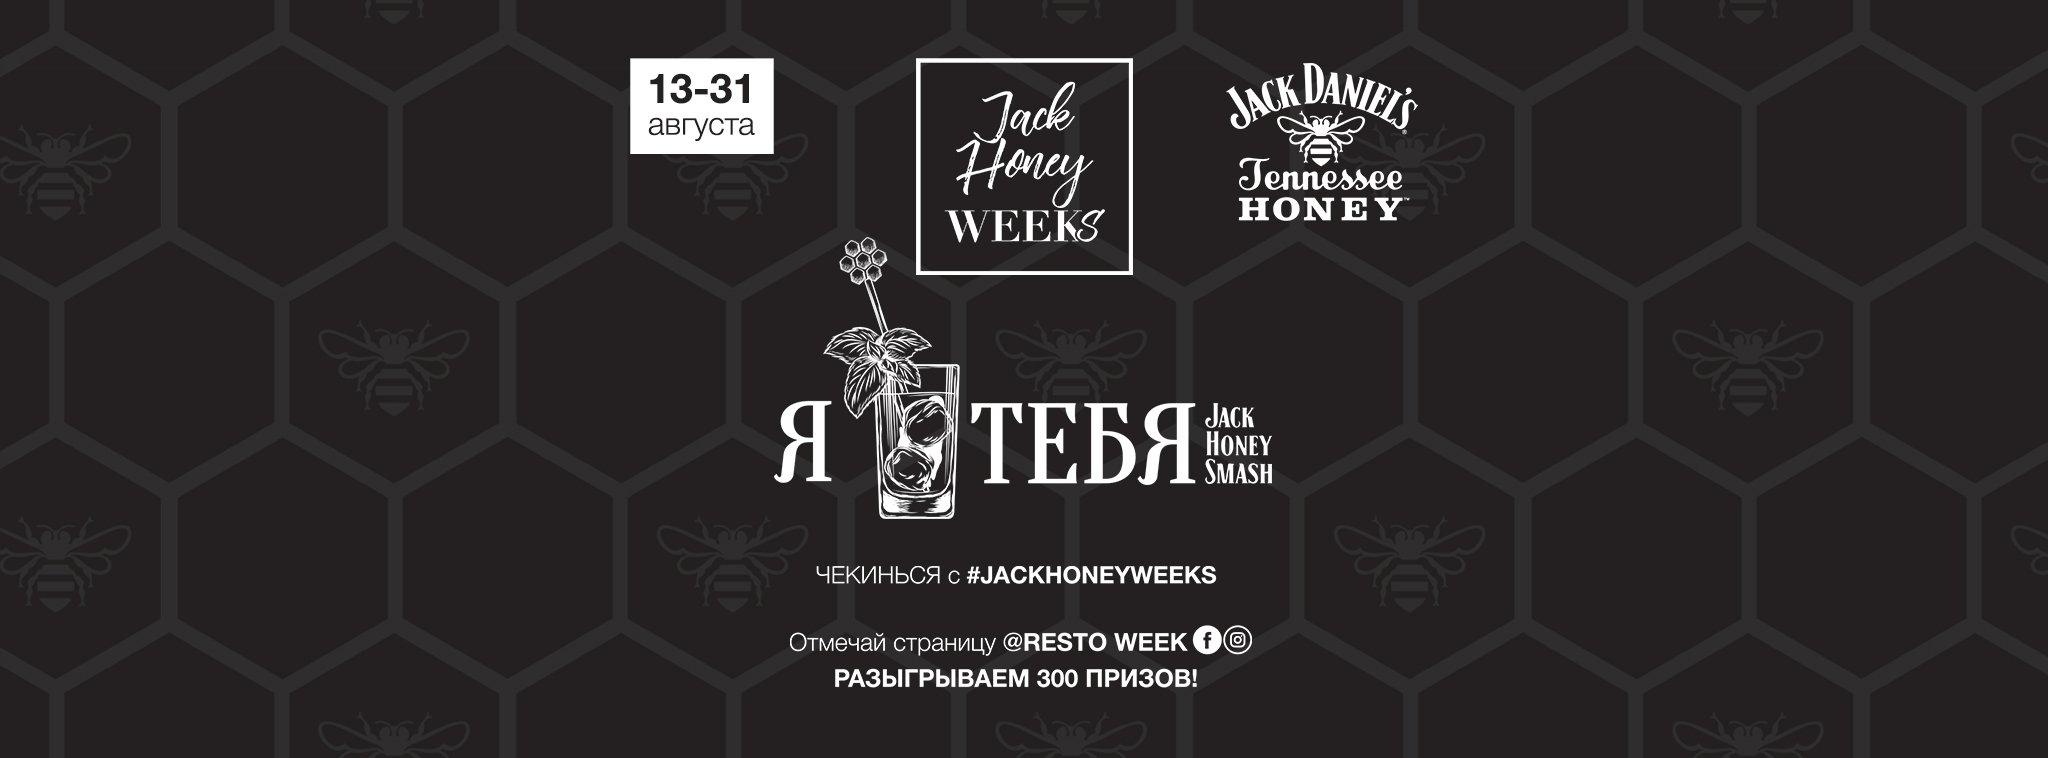 #JackHoneyWeeks